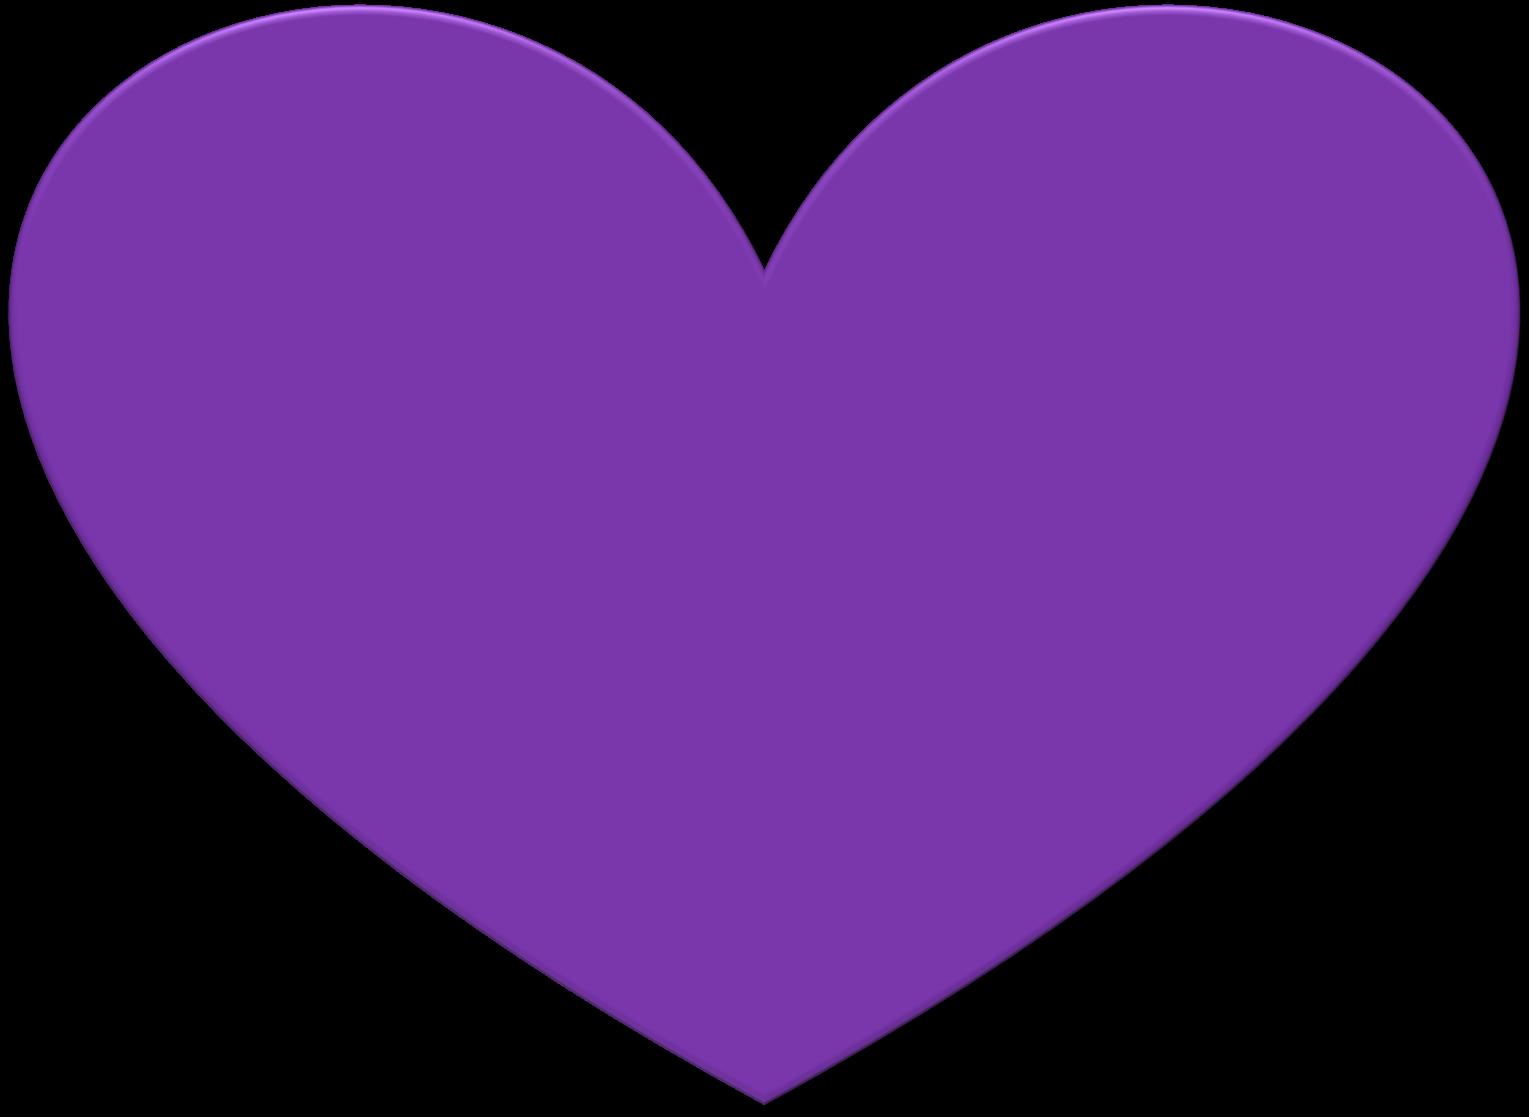 imagenes de corazones - YouTube